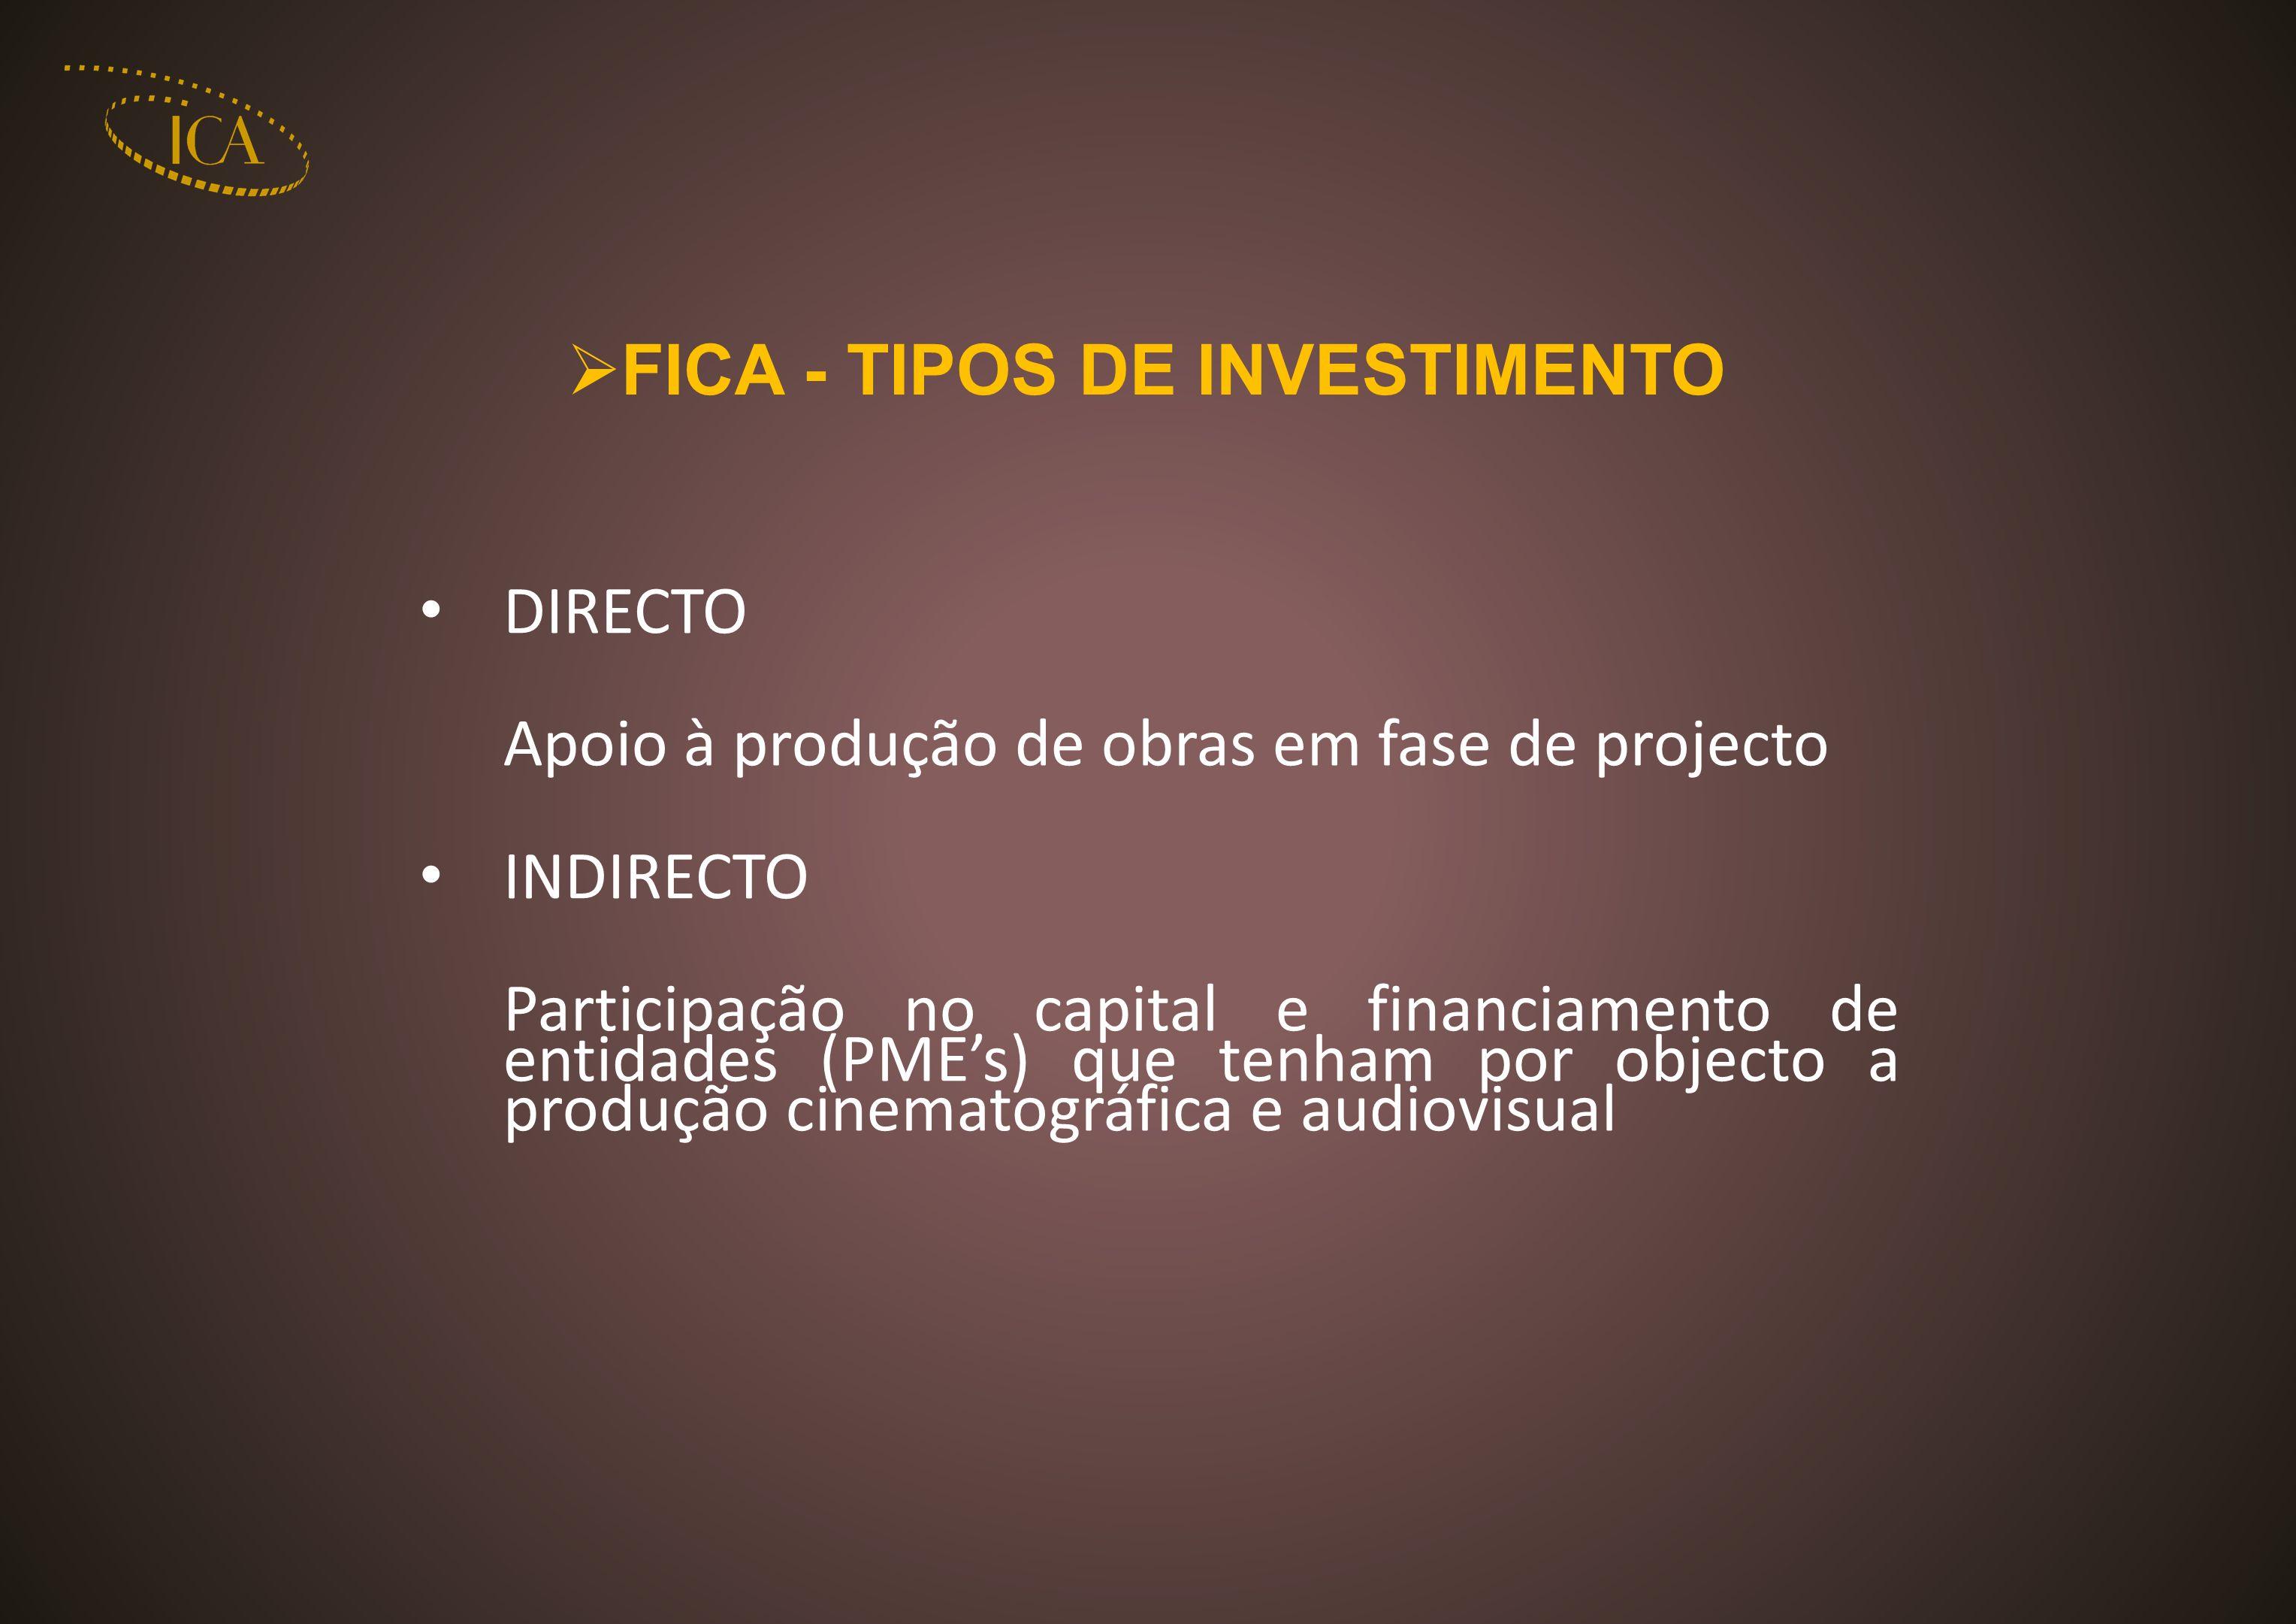 FICA - TIPOS DE INVESTIMENTO DIRECTO Apoio à produção de obras em fase de projecto INDIRECTO Participação no capital e financiamento de entidades (PMEs) que tenham por objecto a produção cinematográfica e audiovisual